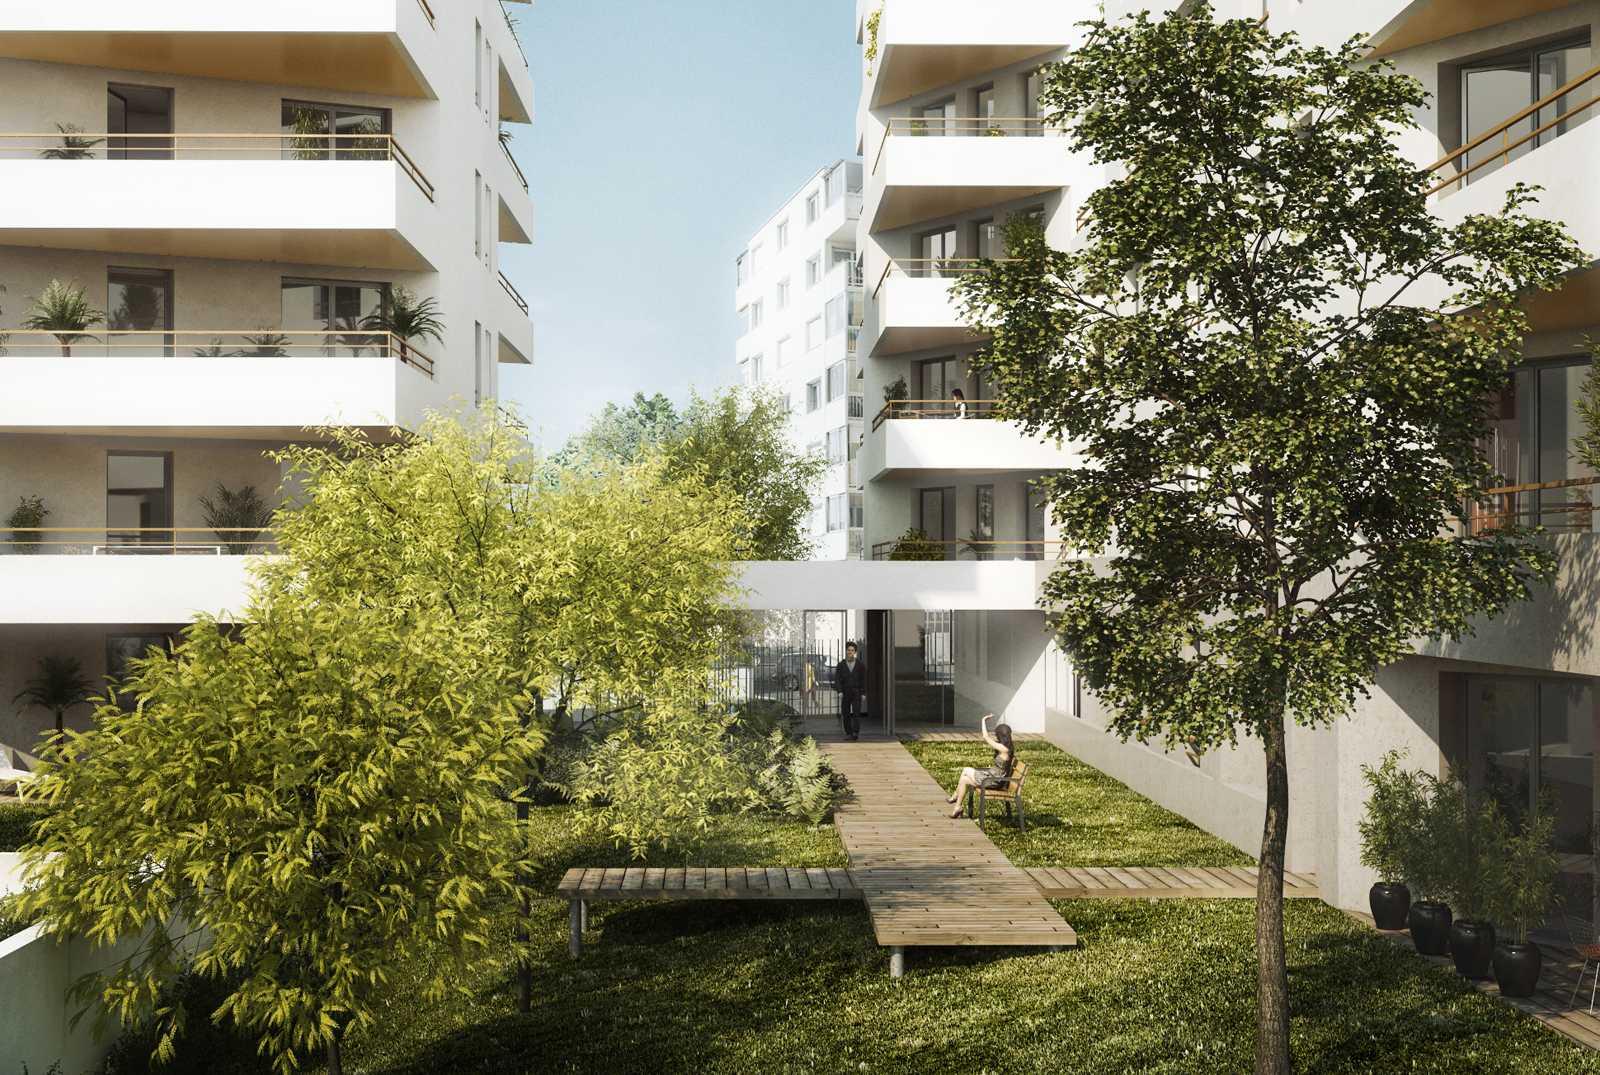 Les all es salengro sier constructeur immobilier lyon for Meilleur constructeur immobilier